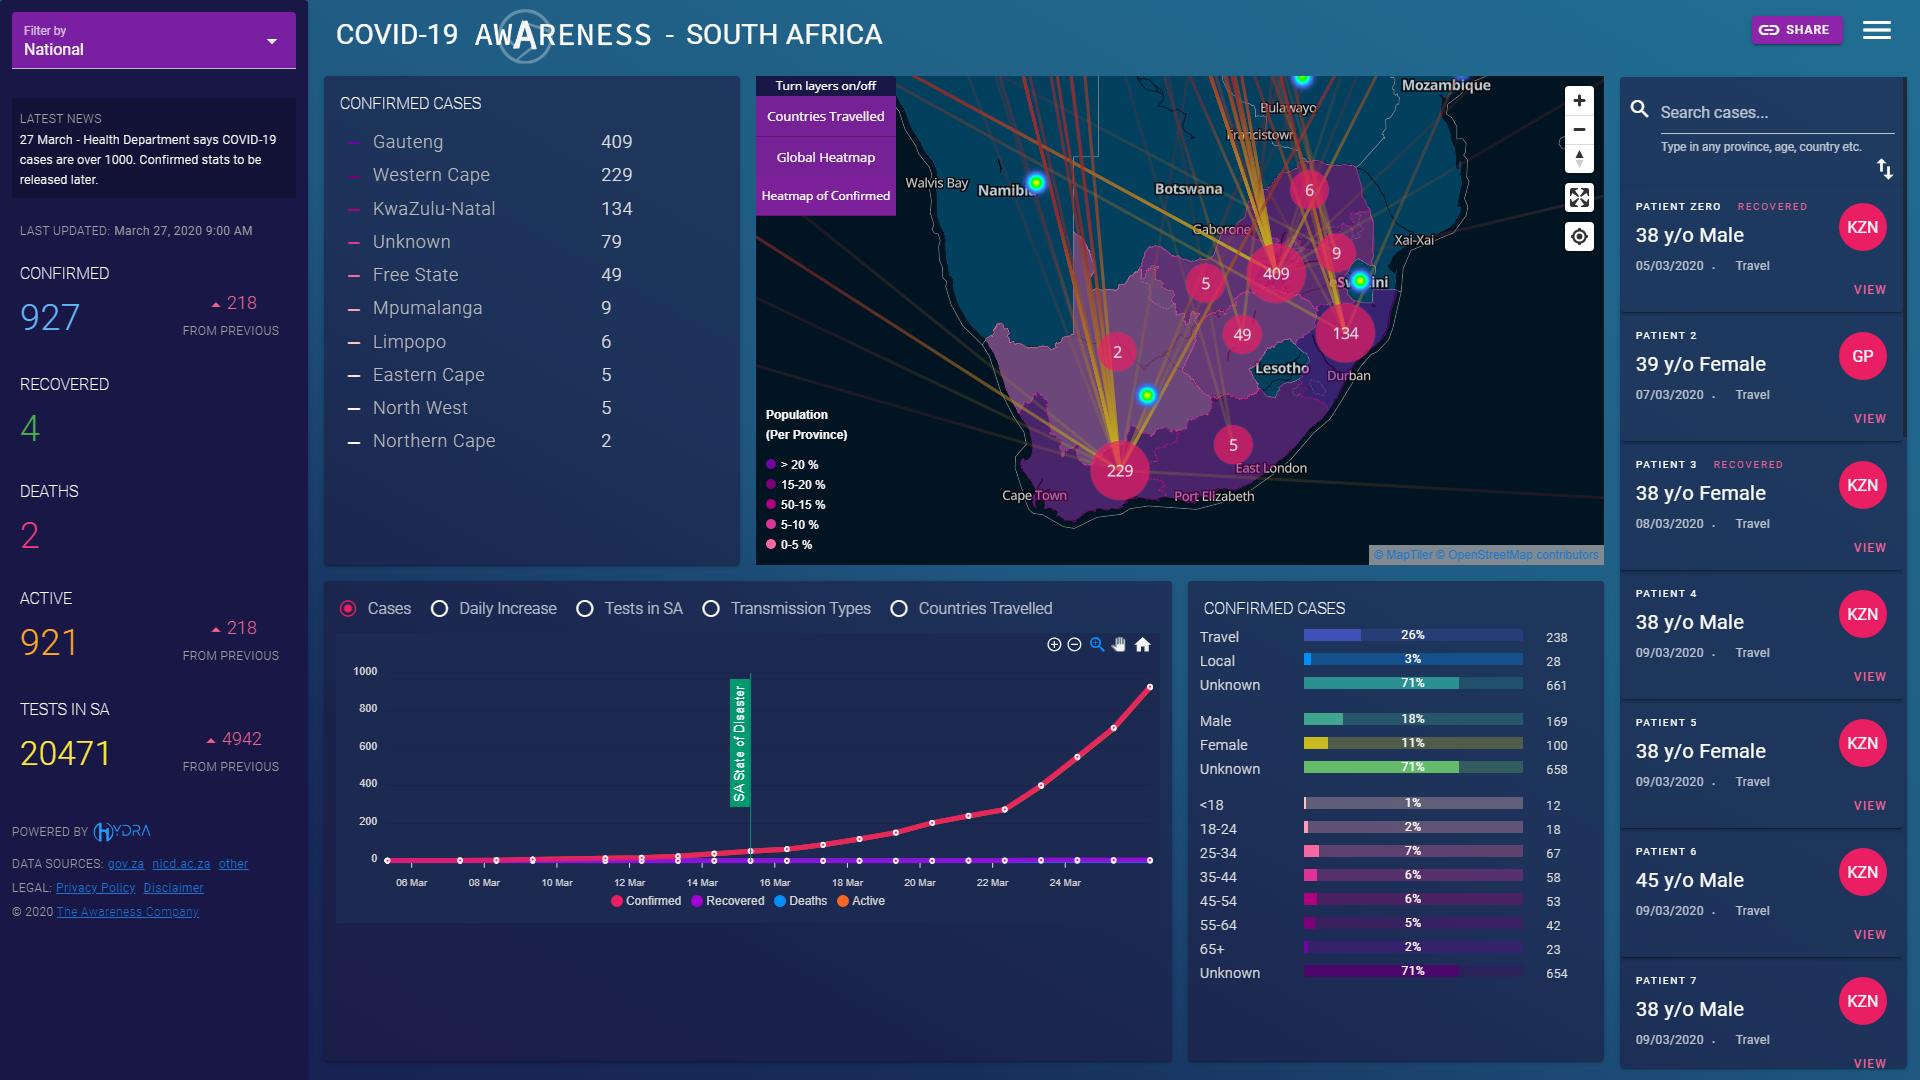 COVID-19 Awareness & Risk Management Platform